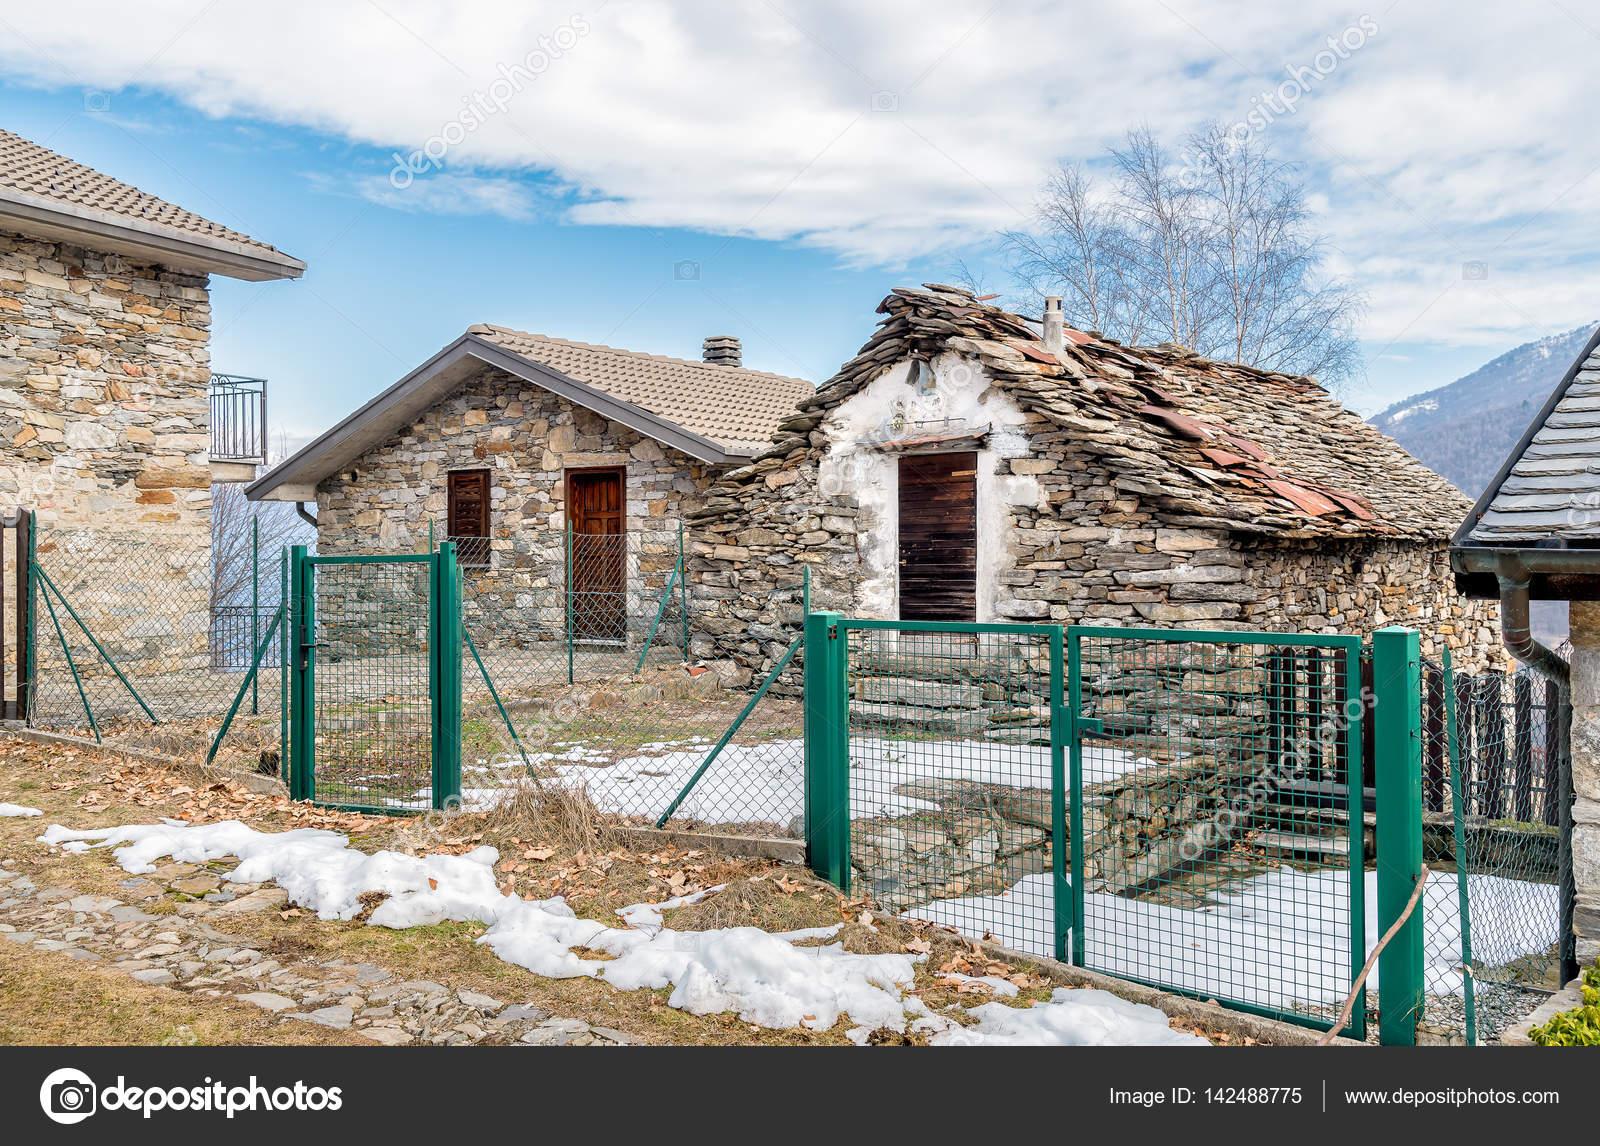 Case In Pietra Di Montagna : Case di pietra nel villaggio di montagna u foto stock elesi